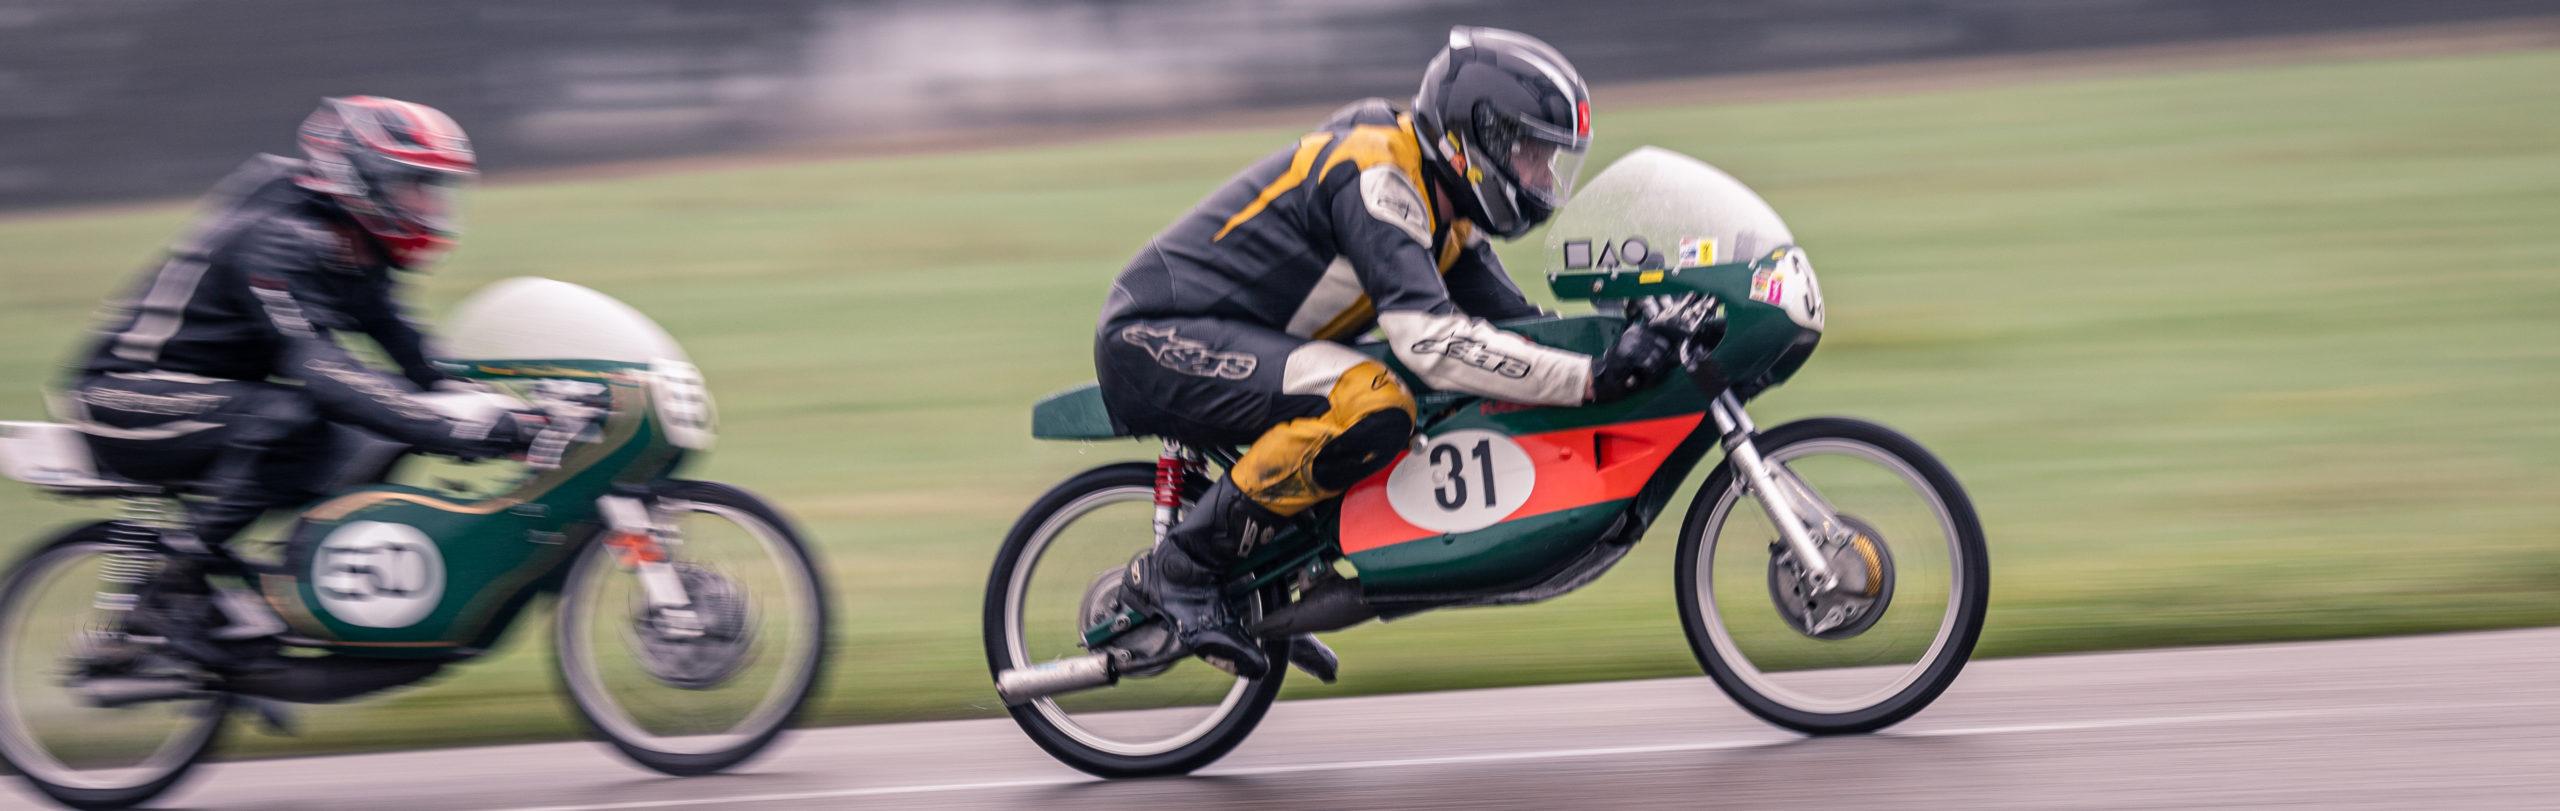 Luttenberg Historic Races 2018